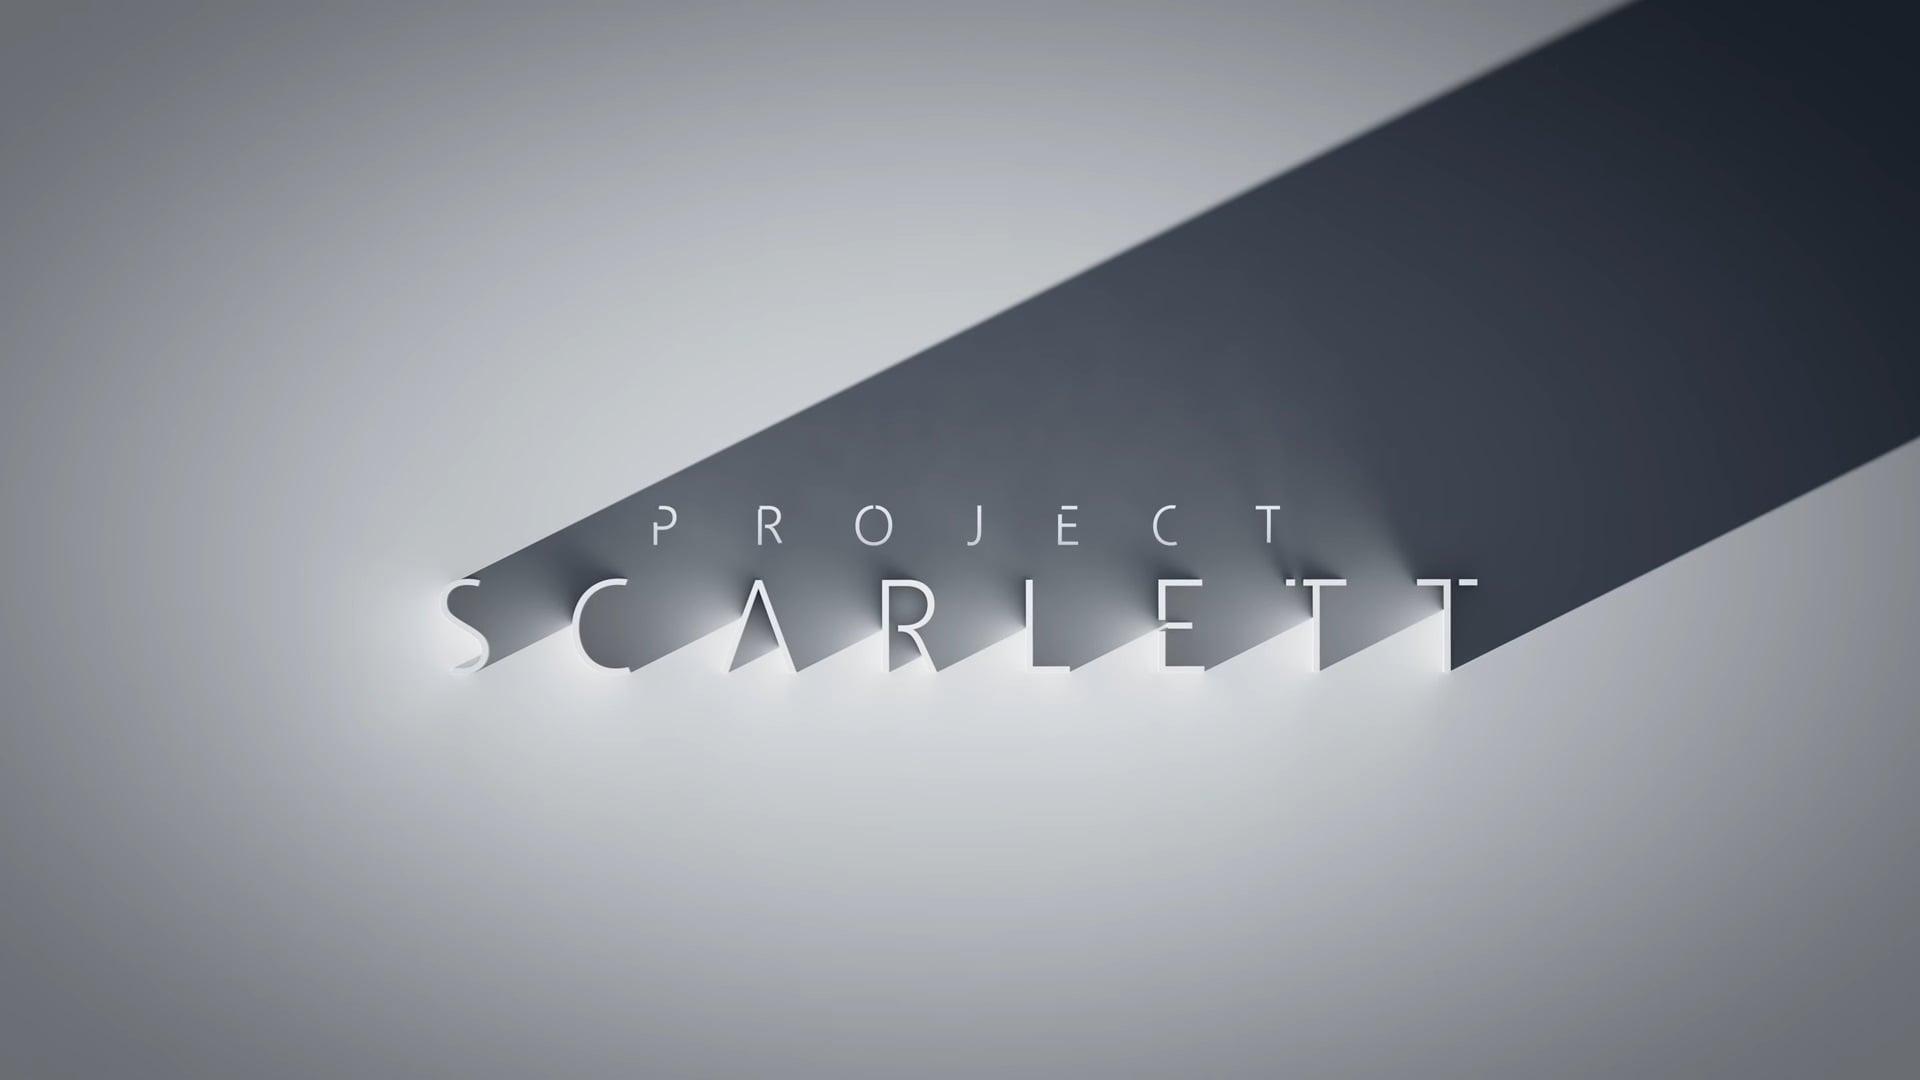 project scarlett reveal